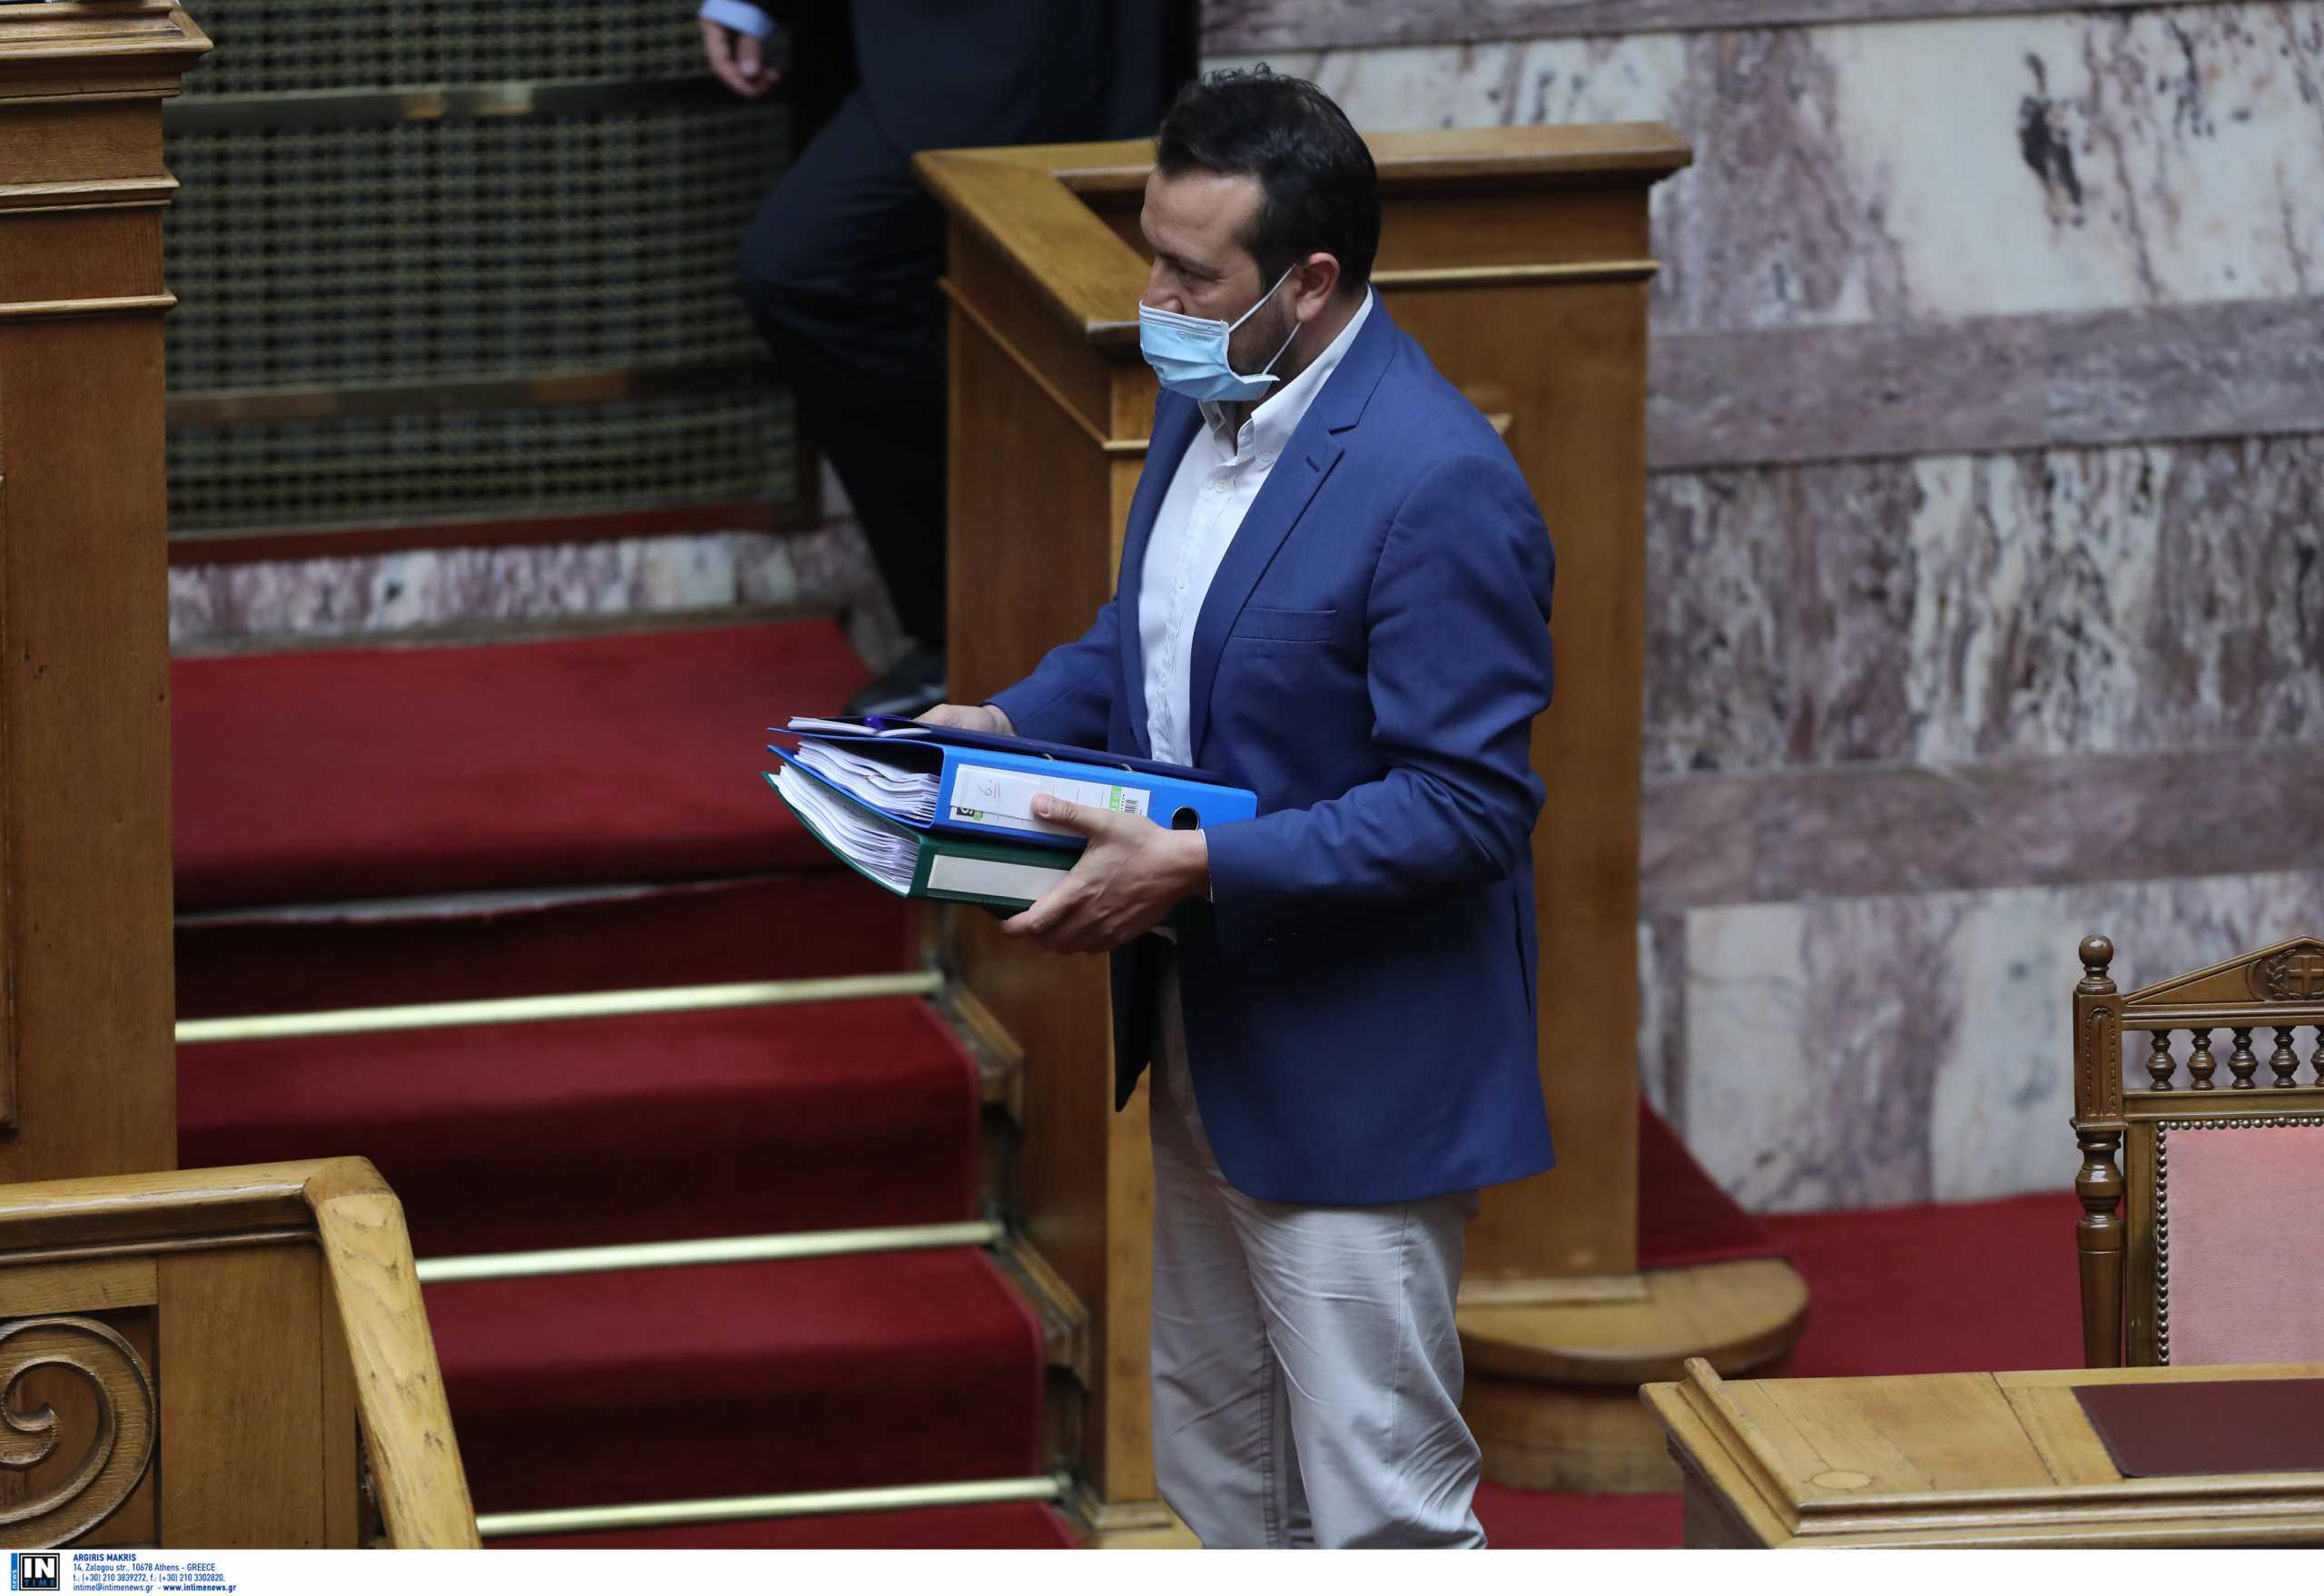 Προανακριτική: Ο Νίκος Παππάς παραπέμπεται στο Ειδικό Δικαστήριο